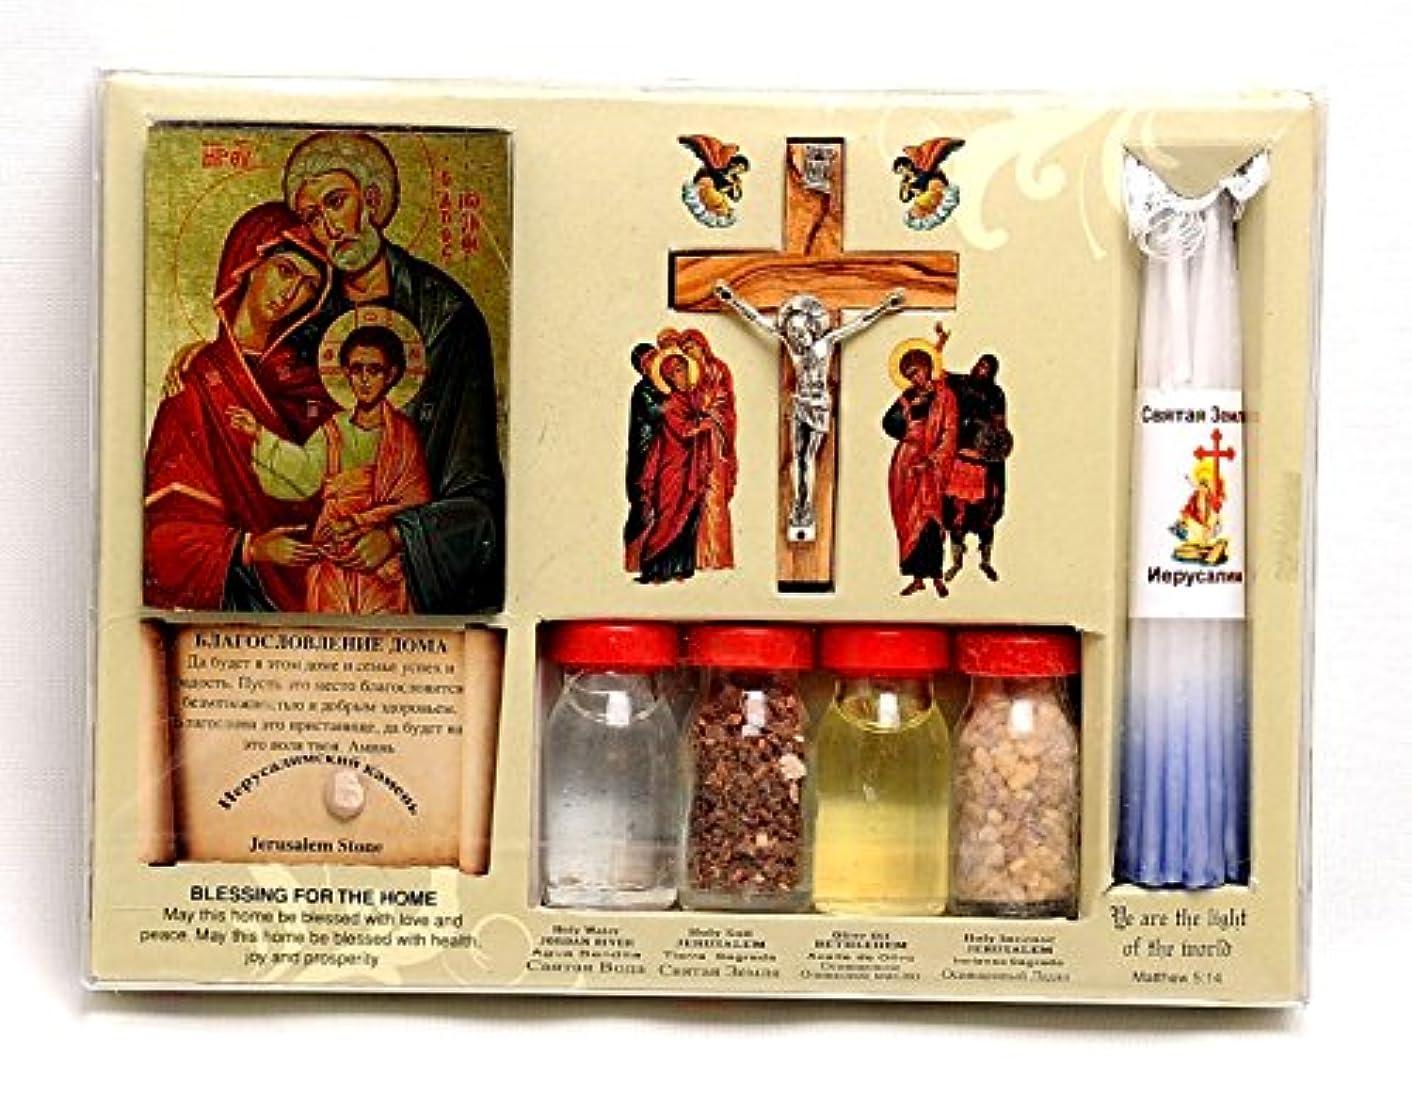 精神的に無視市民ホーム祝福キットボトル、クロス&キャンドルから聖地エルサレム